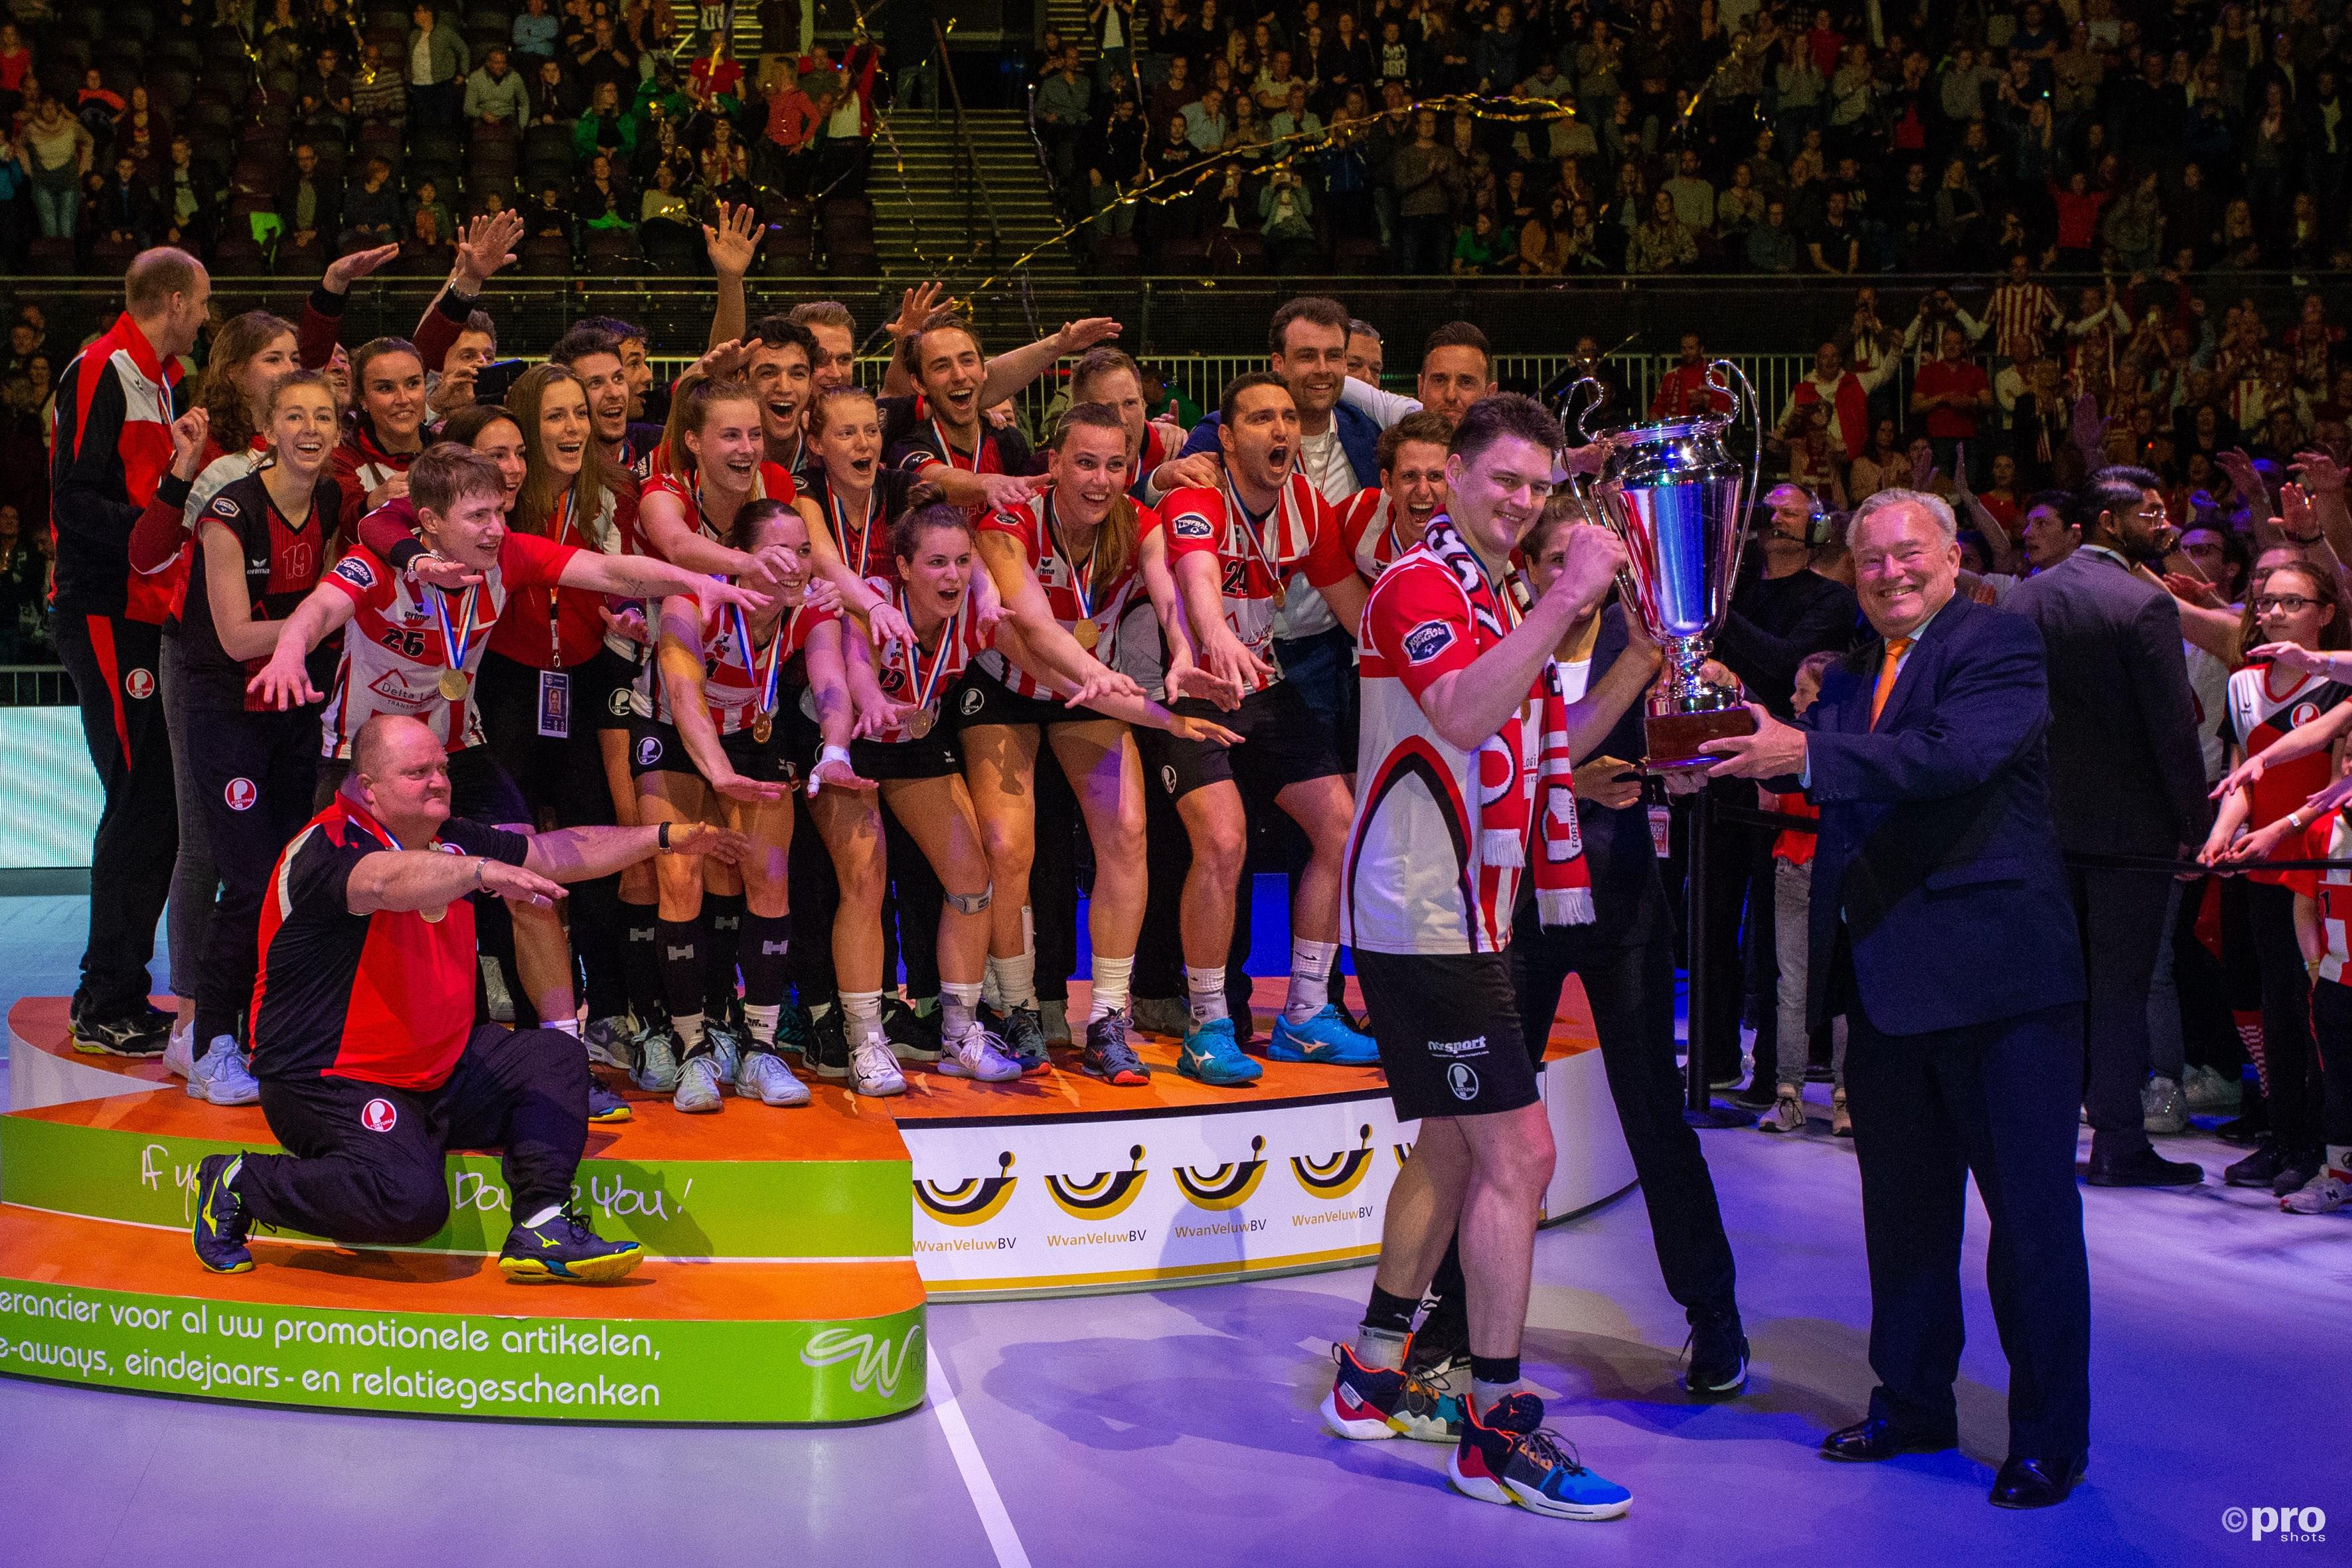 Fortuna uit Delft is landskampioen korfbal. (PRO SHOTS/Peter van Gogh)